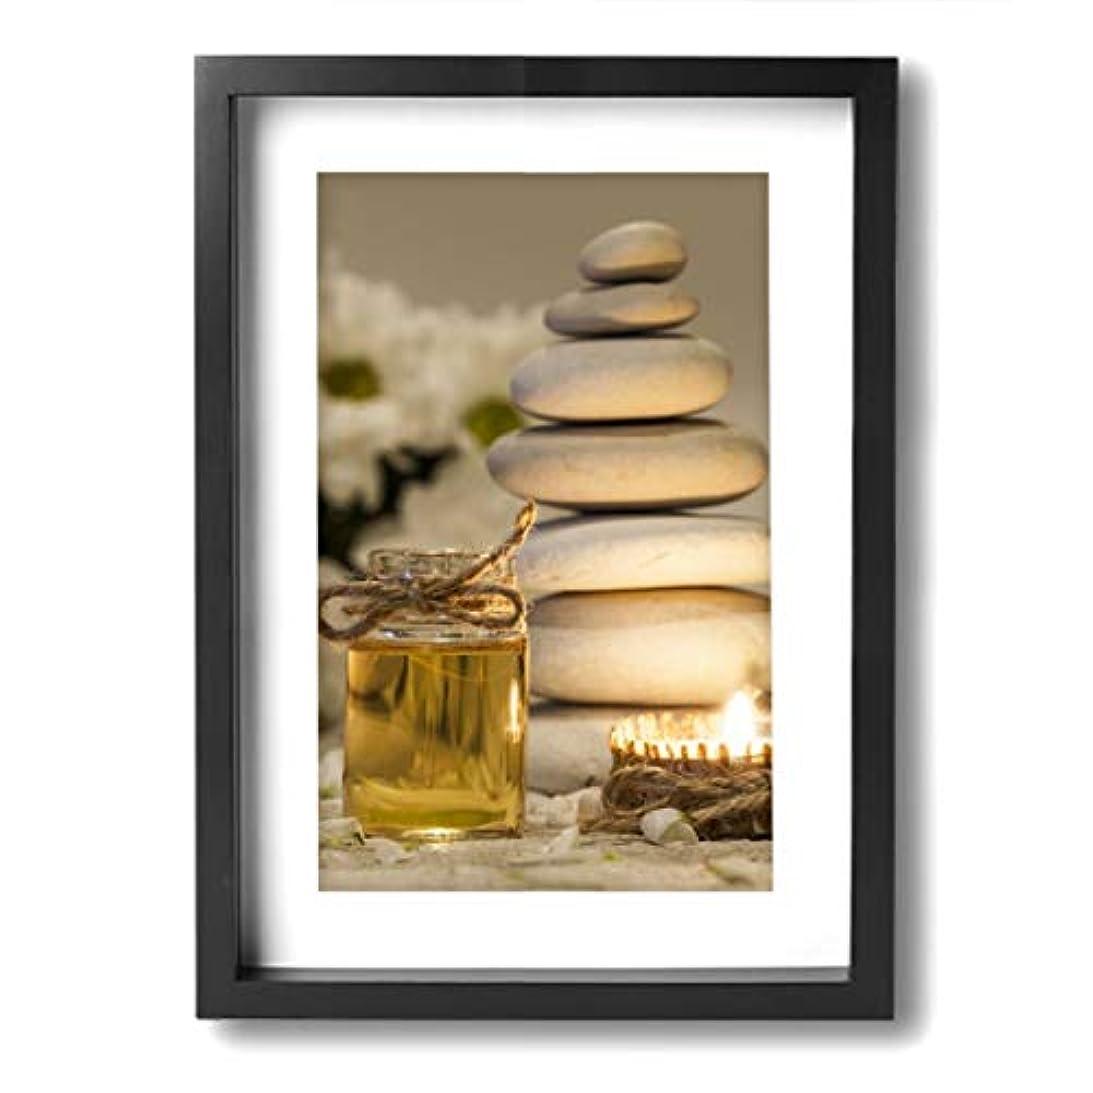 電卓高揚した兄弟愛魅力的な芸術 20x30cm Chamomile Essential Oil Chamomile Flowers キャンバスの壁アート 画像プリント絵画リビングルームの壁の装飾と家の装飾のための現代アートワークハングする...